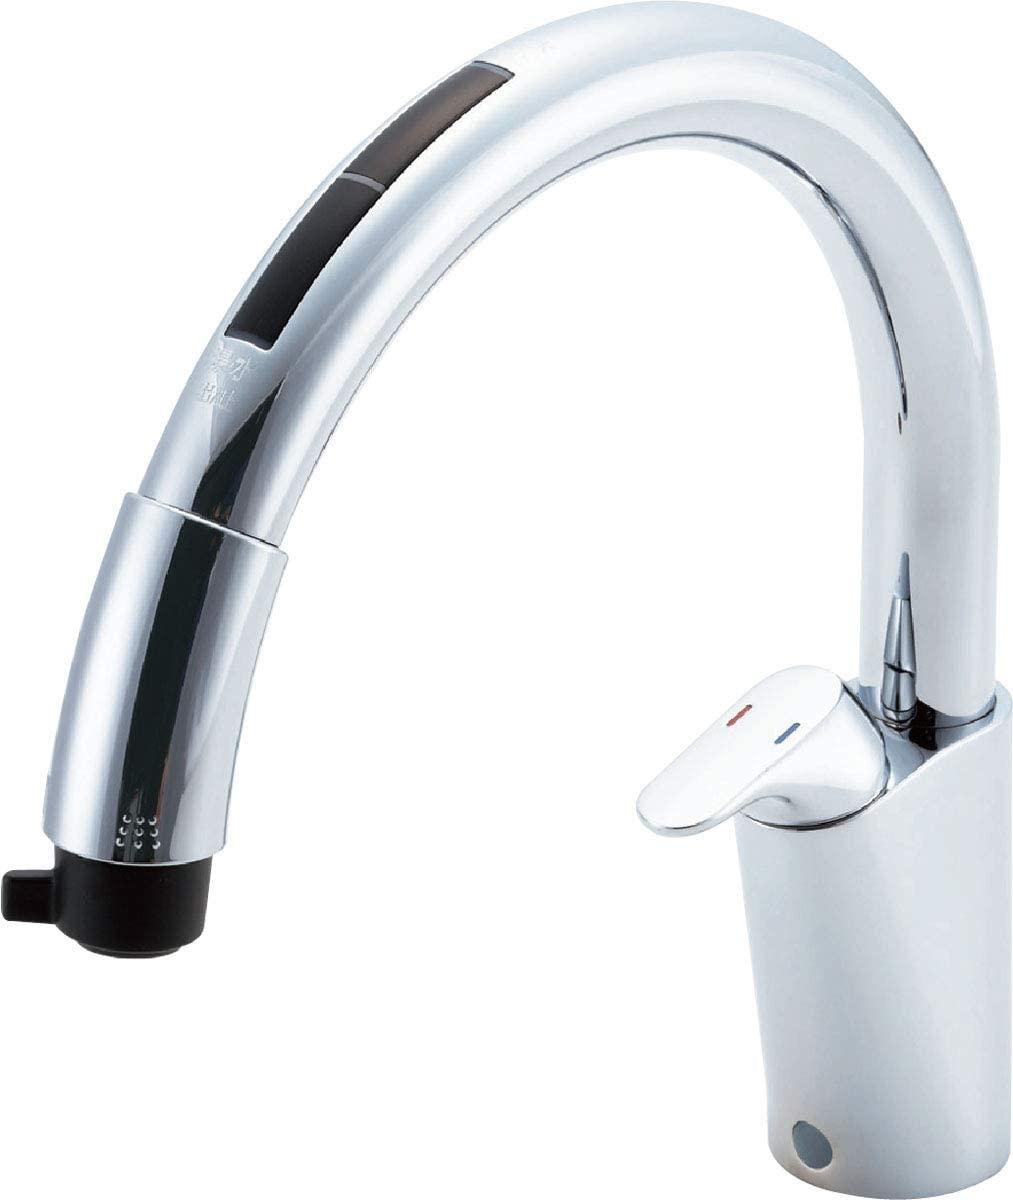 浄水器ビルトイン型 ナビッシュ 送料無料 キッチン用蛇口 [JF-NB464SX-JW]LIXIL(リクシル) タッチレス キッチン水栓 ホース引出式 ハンズフリー INAX(イナックス) 乾電池式B6タイプ